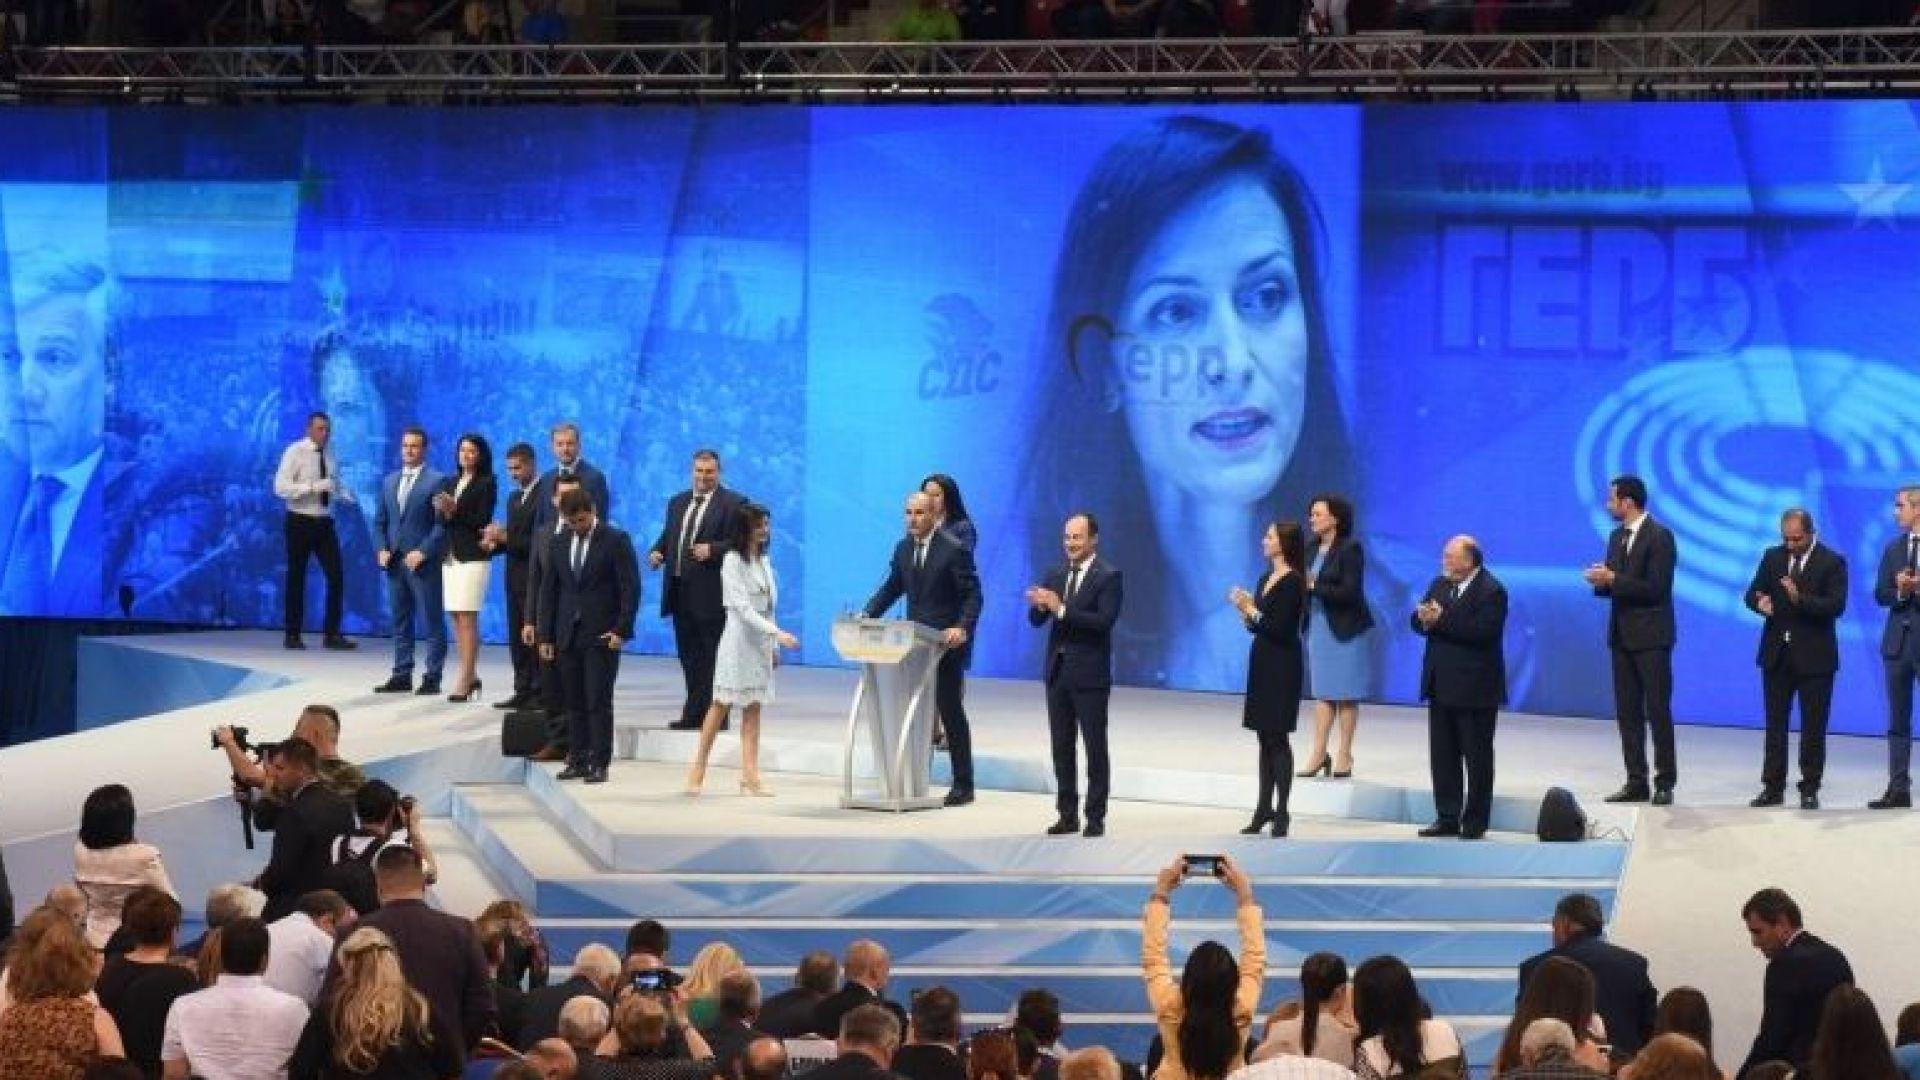 ГЕРБ пусна днес официалния си предизборен клип за евровота на